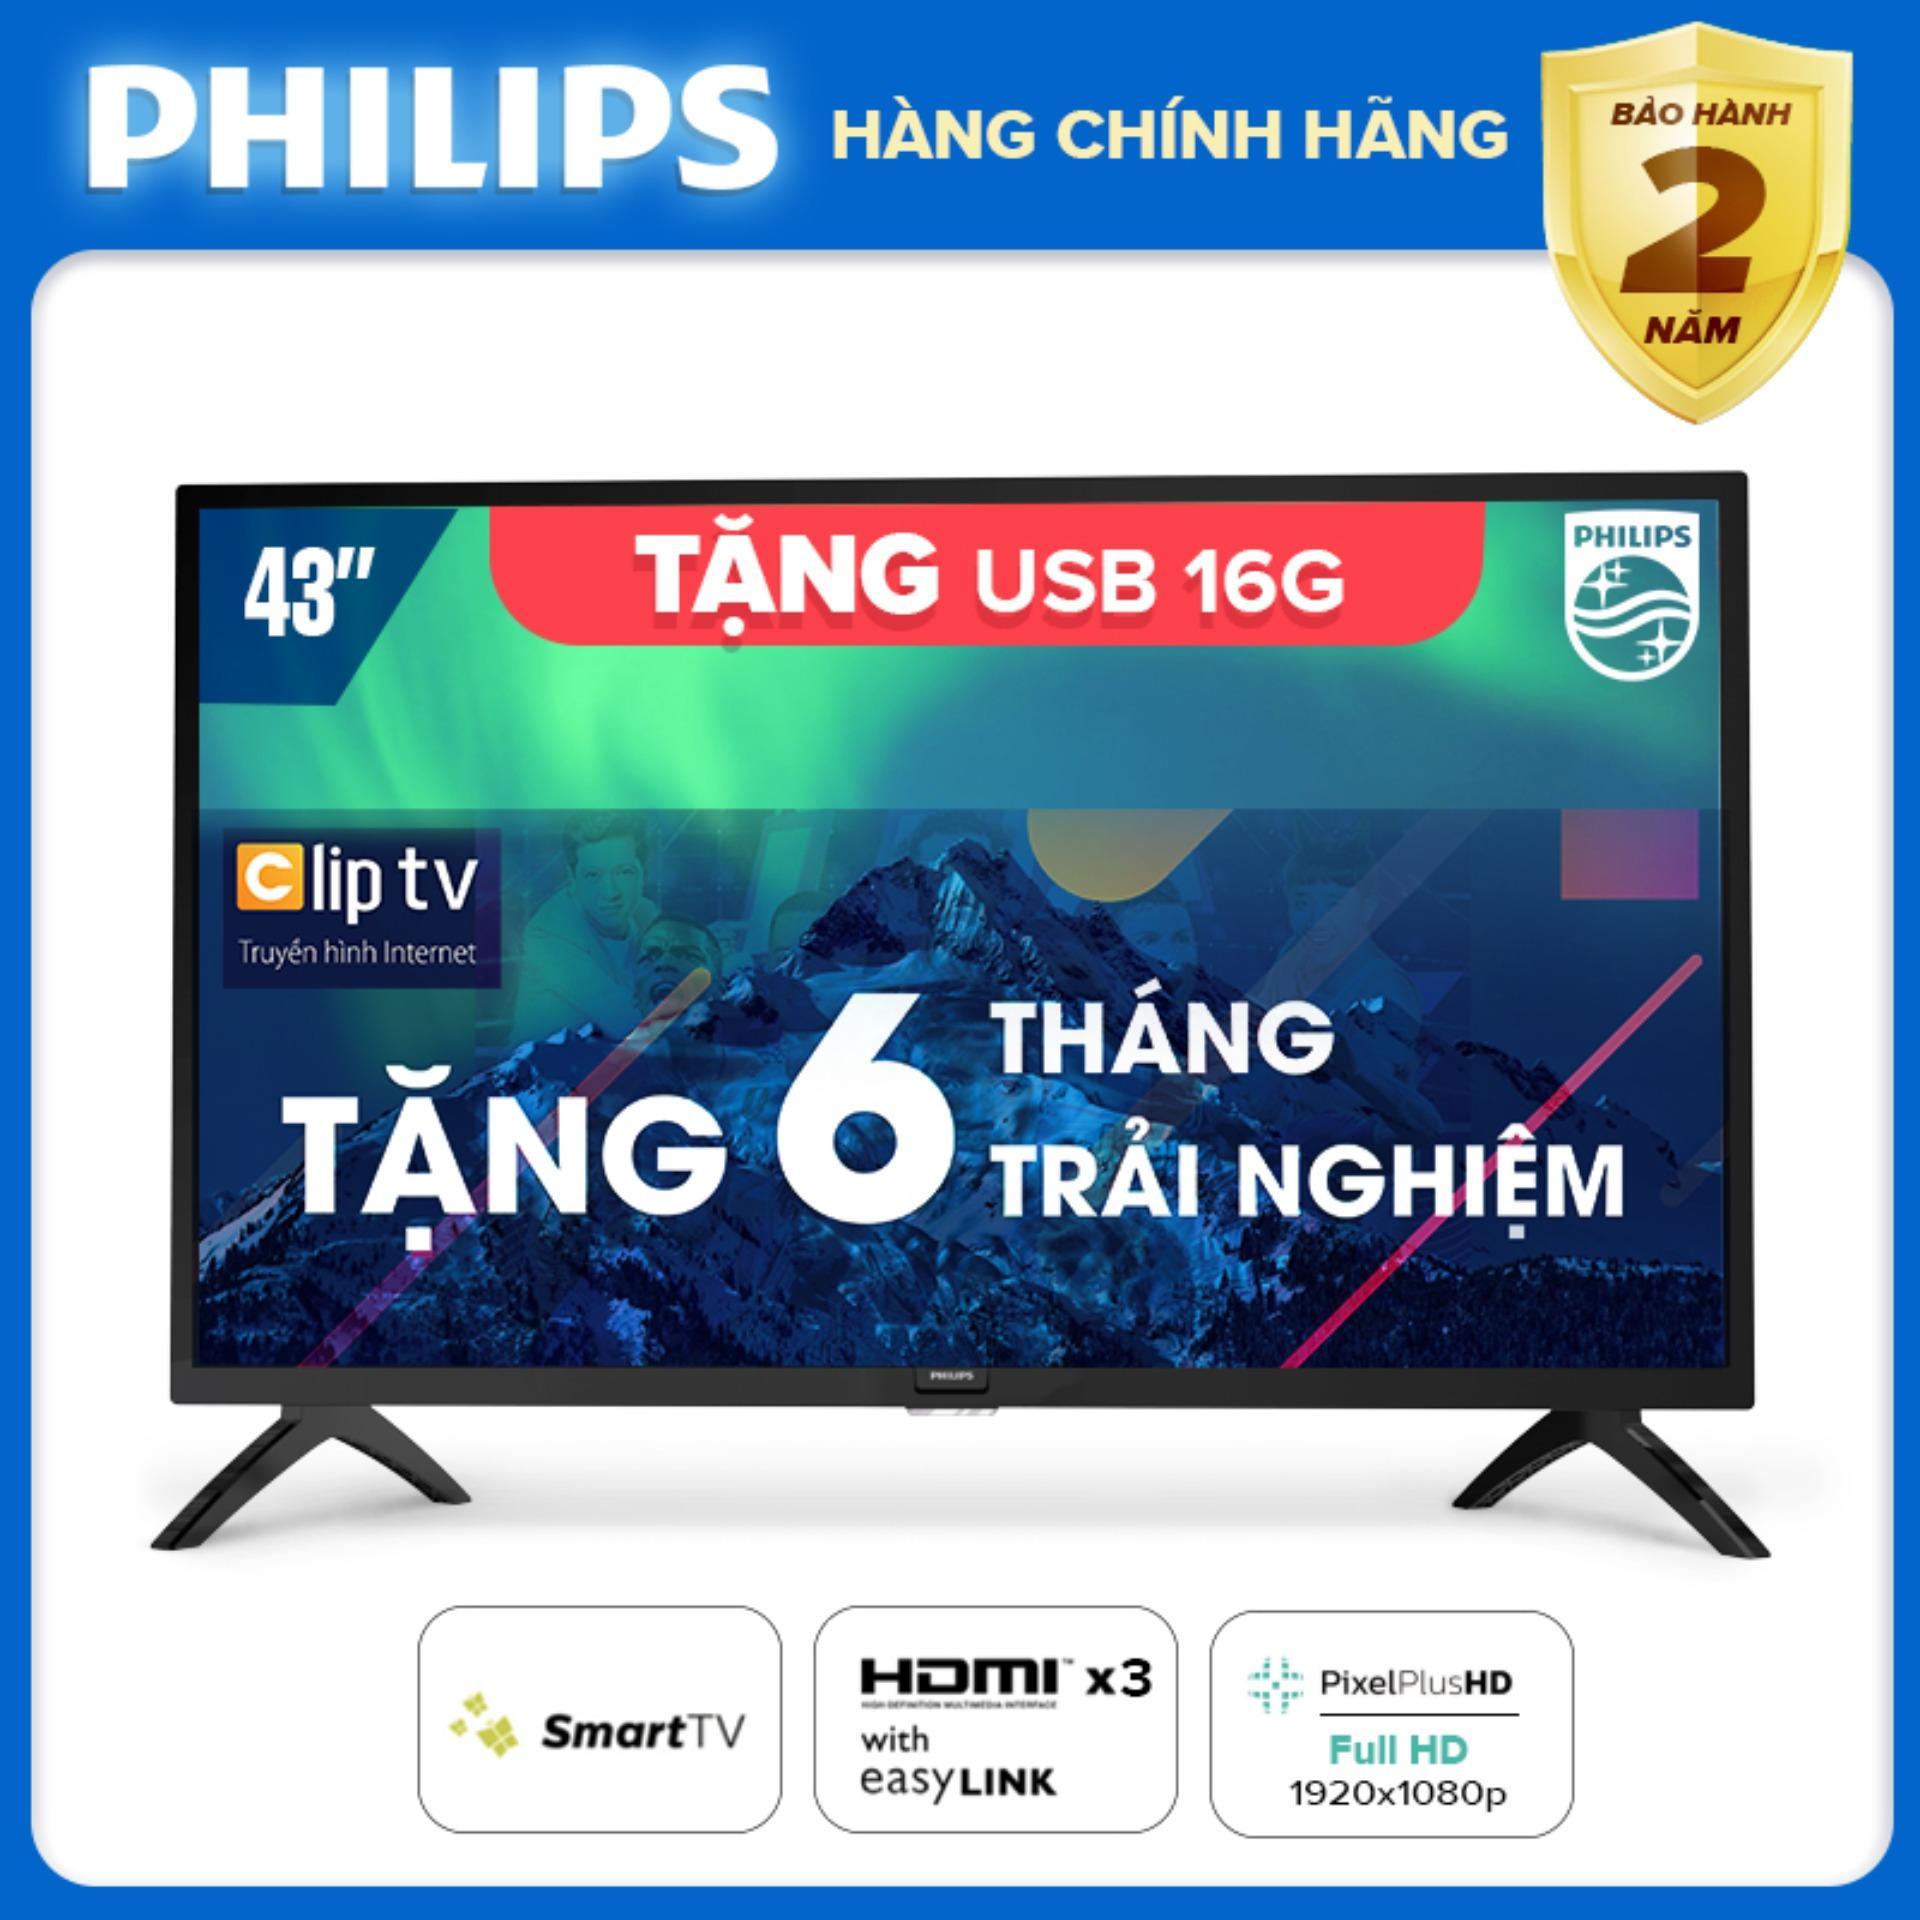 Bảng giá SMART TIVI FULL HD 43 INCH KẾT NỐI INTERNET WIFI - hàng Thái Lan - Free 6 tháng xem phim Clip TV - Tặng USB 16G - Bảo hành 2 năm tại nhà - 43PFT5853S/74 Tivi Philips